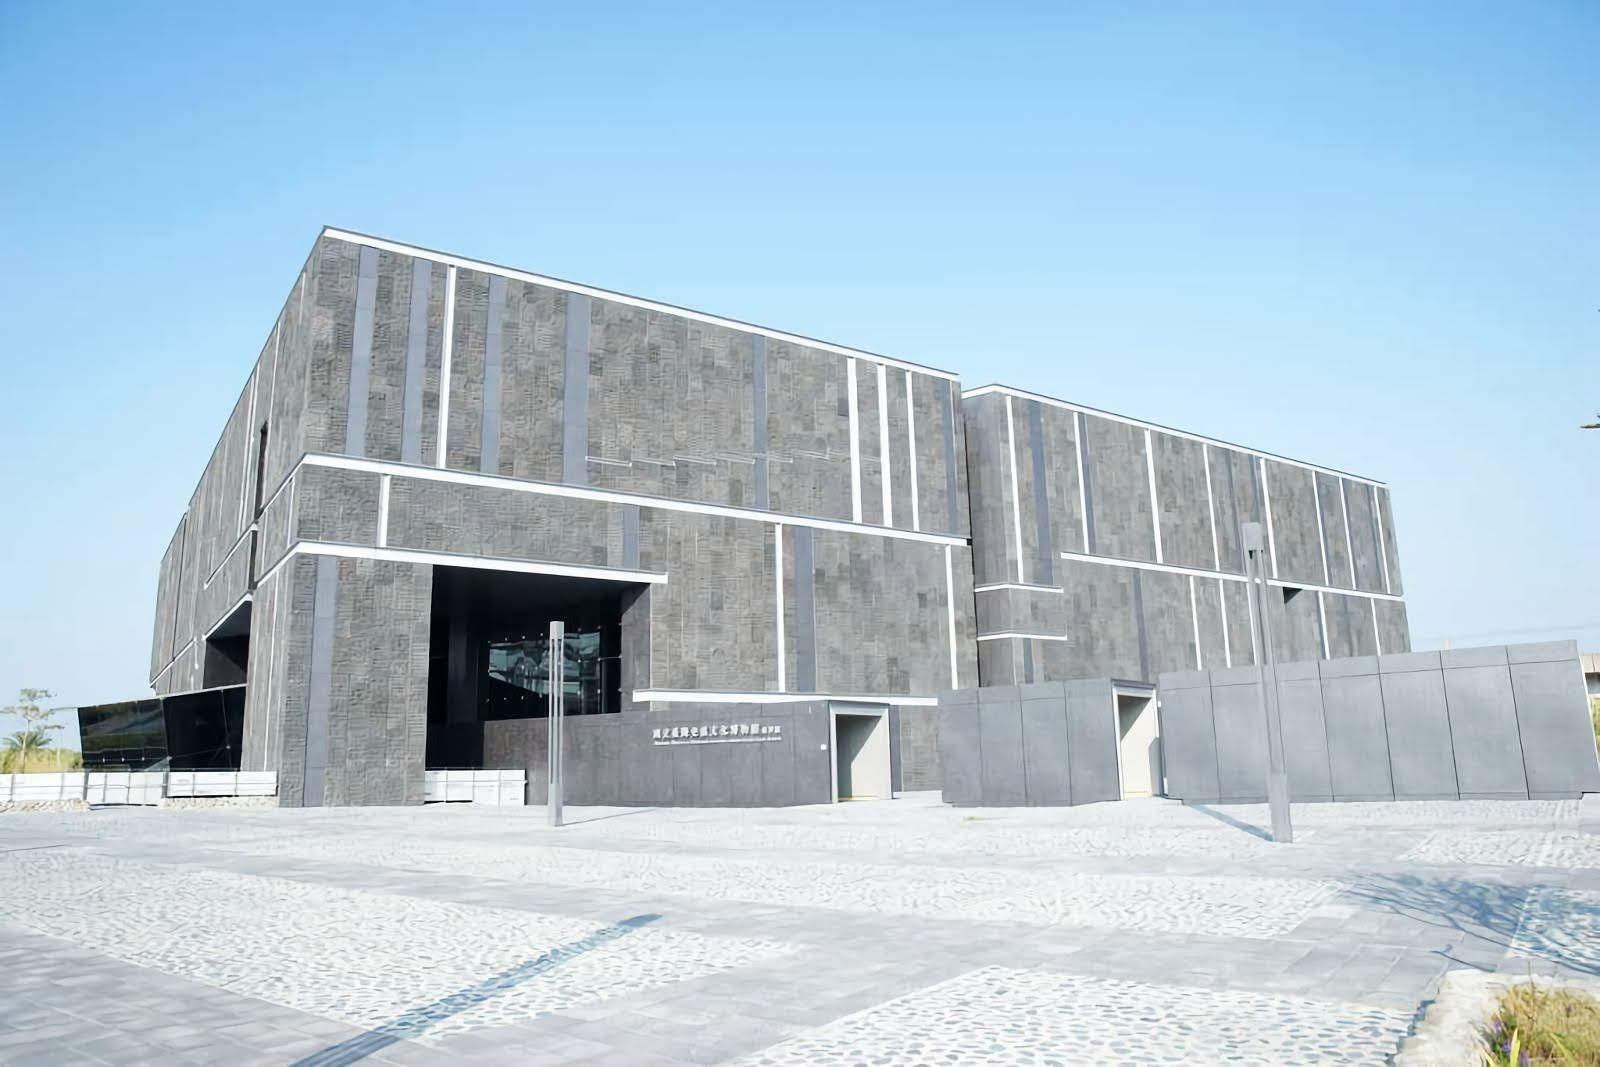 [活動] 要去!2020/4/30前台南人免費|全台首座考古秘室!考古隊花20年挖掘800萬件文物|台灣史前博物館-南科考古館